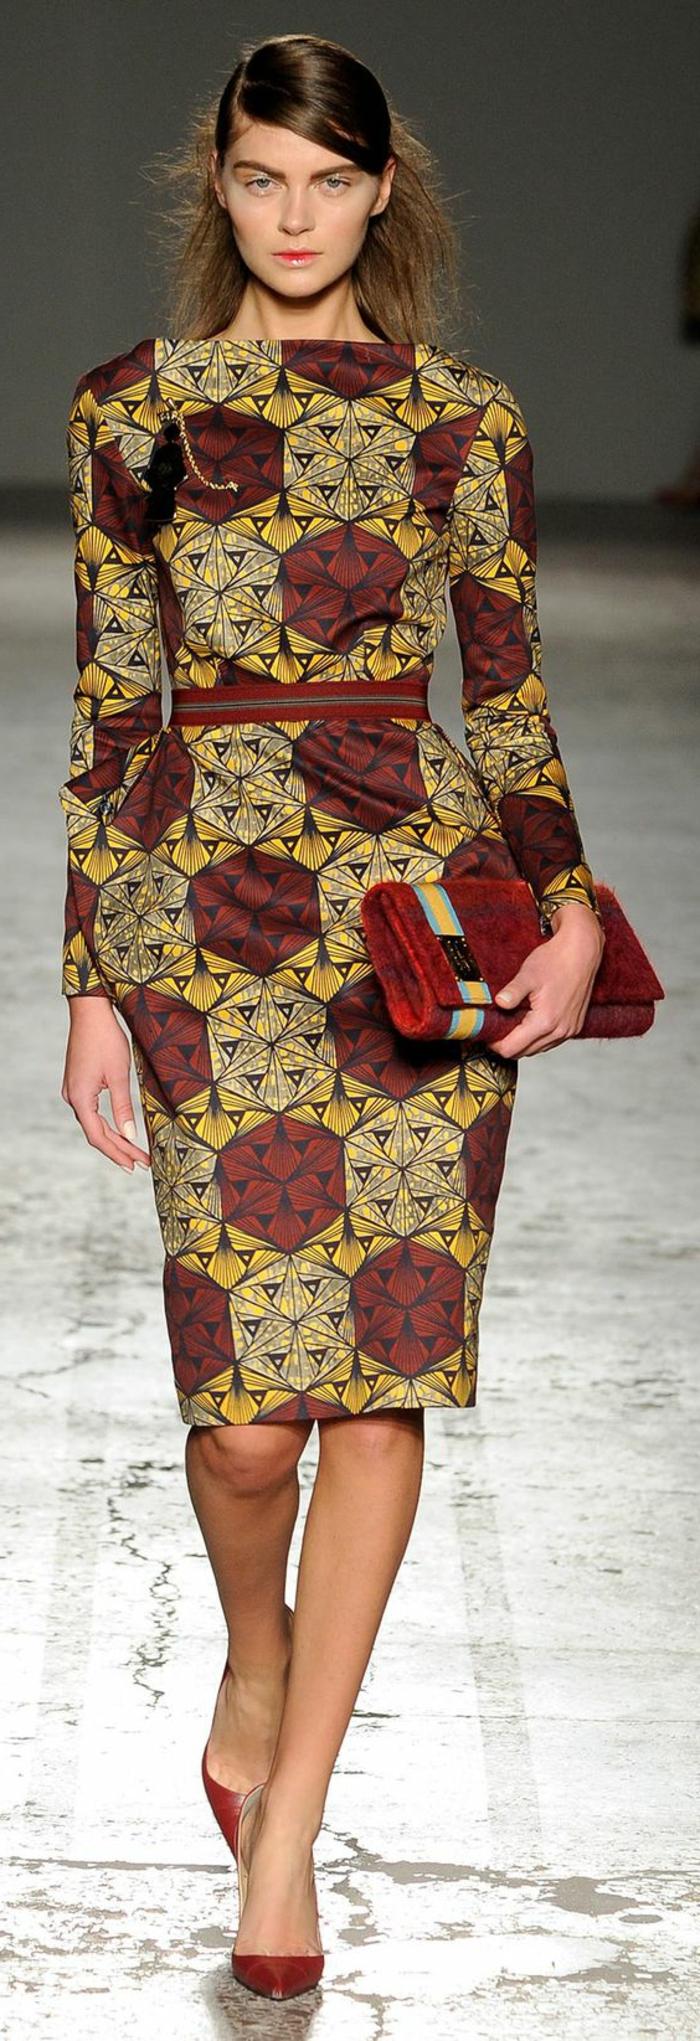 orientalische kleidung und inspirationen aus dem mode podium, rot gelb grünes kleid